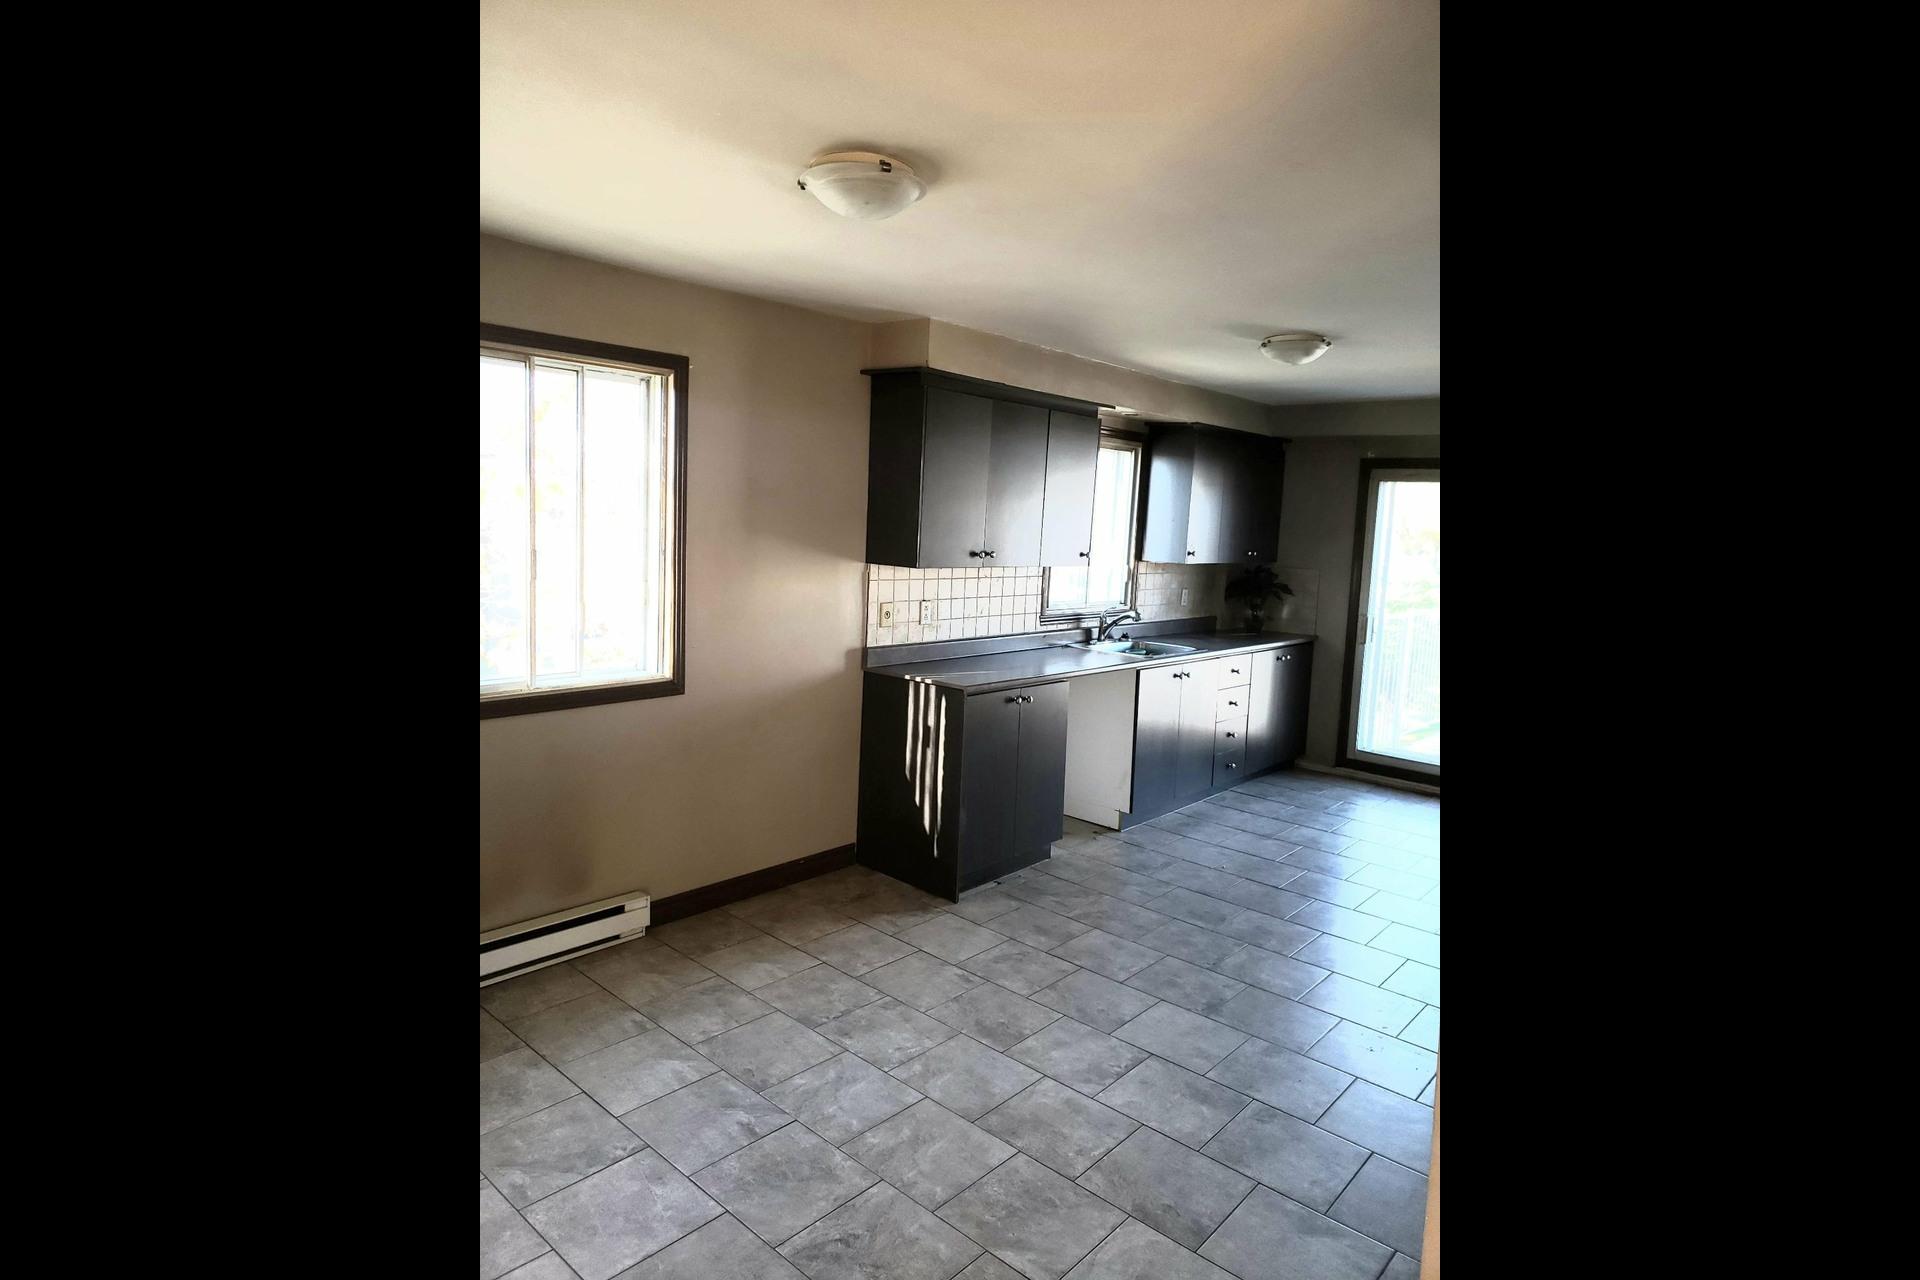 image 4 - Appartement À louer Montréal LaSalle  - 6 pièces